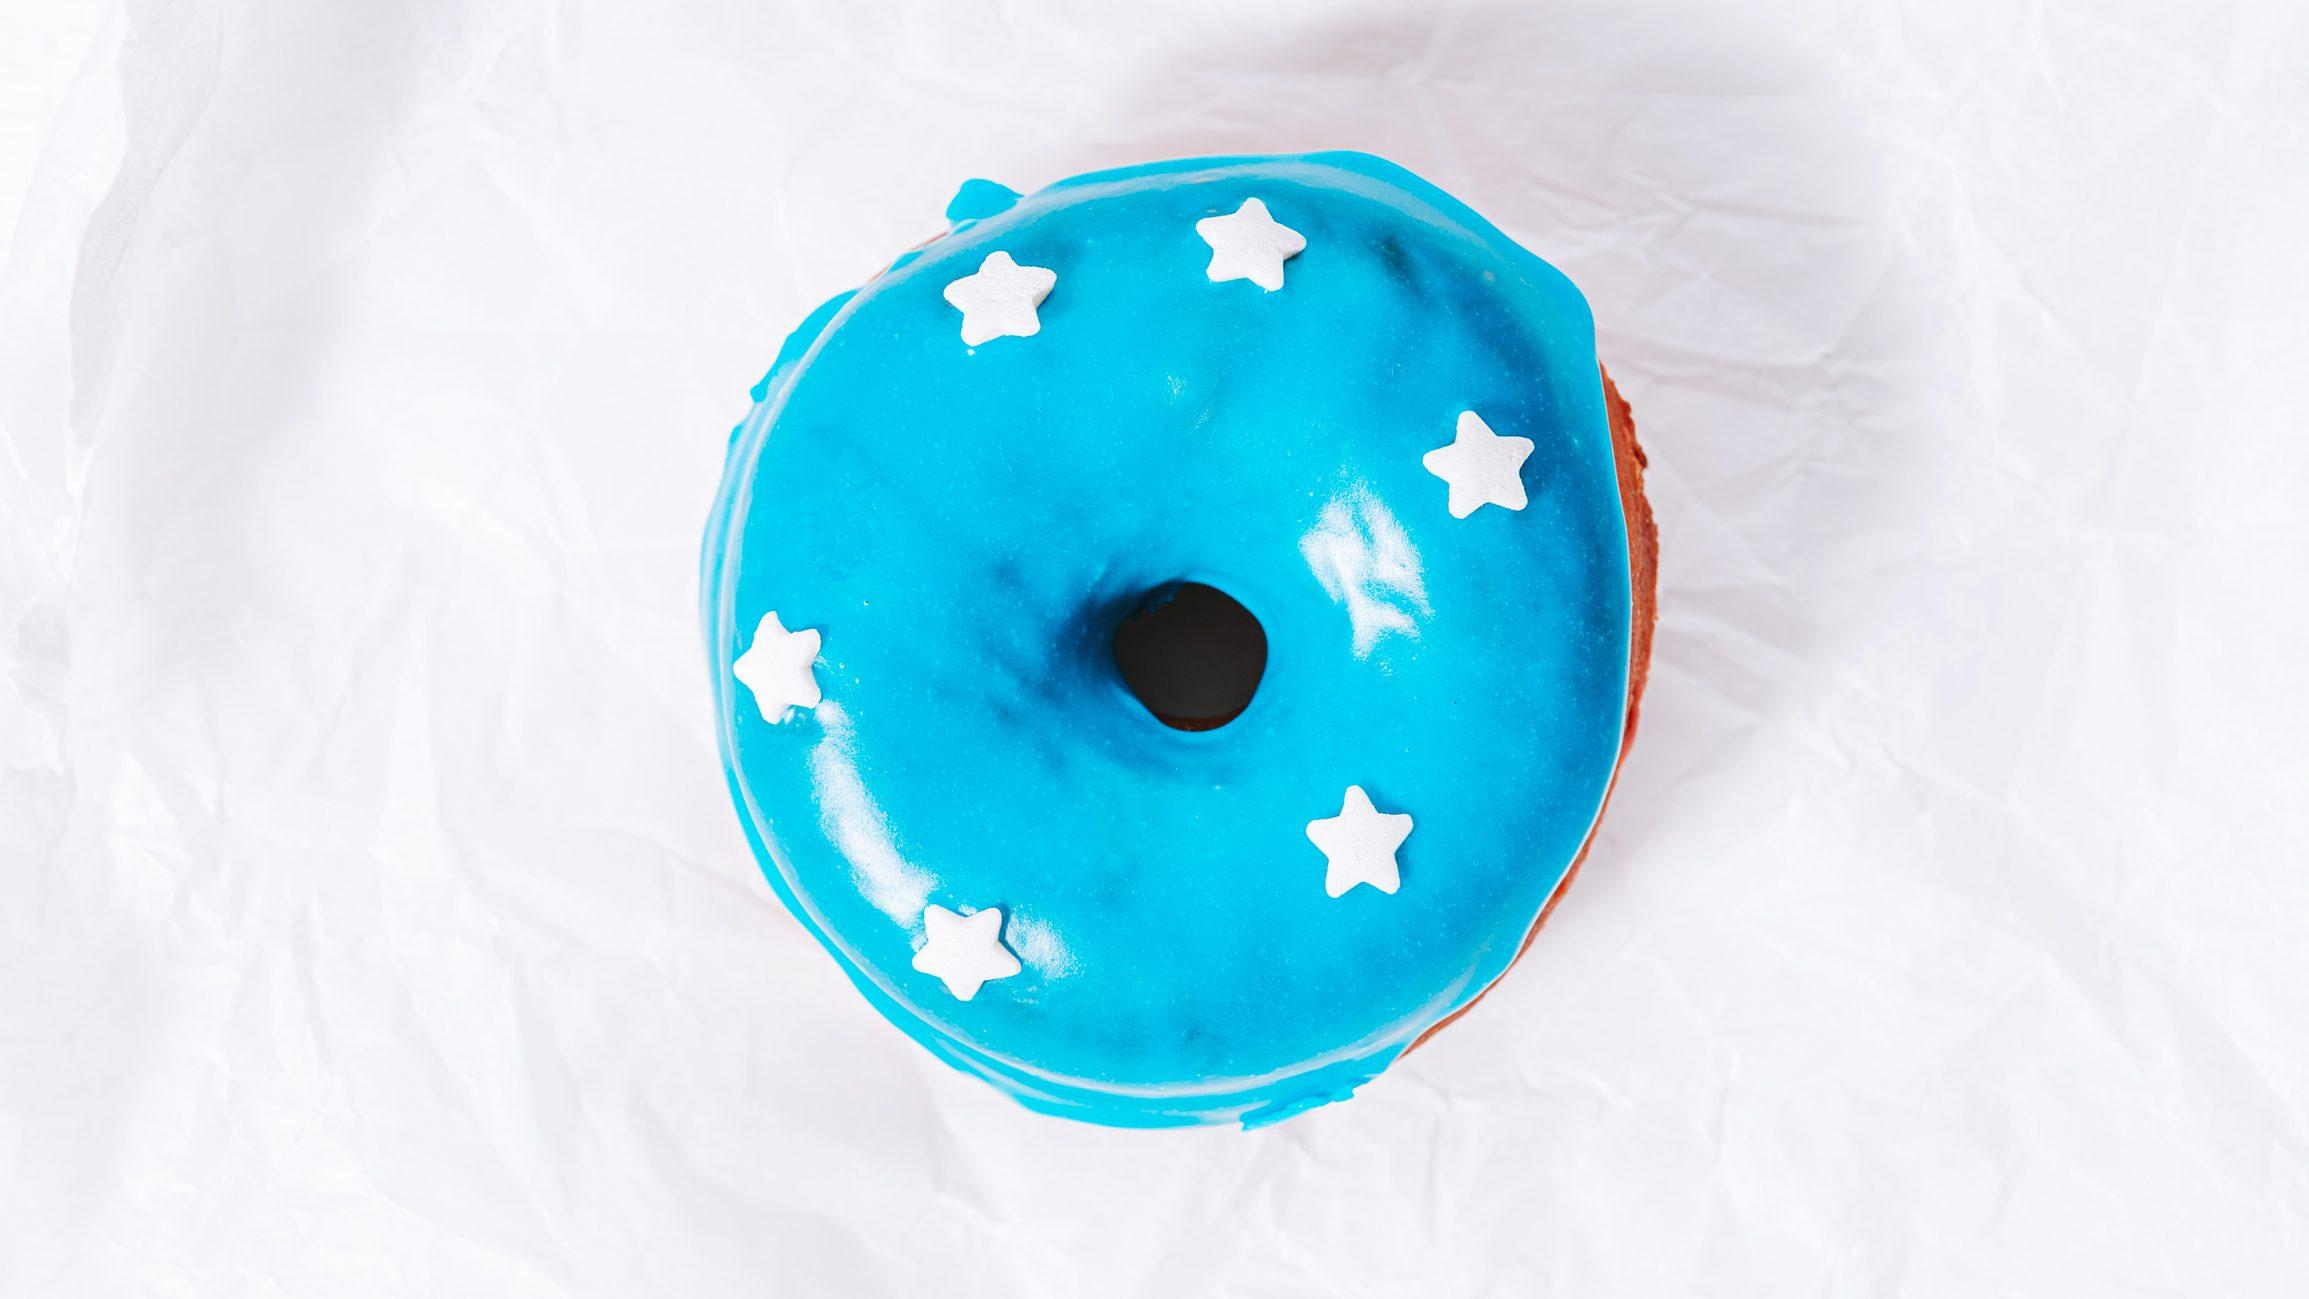 Scoperto un colorante naturale blu: nel futuro potremmo avere panini, donuts e gelati blu